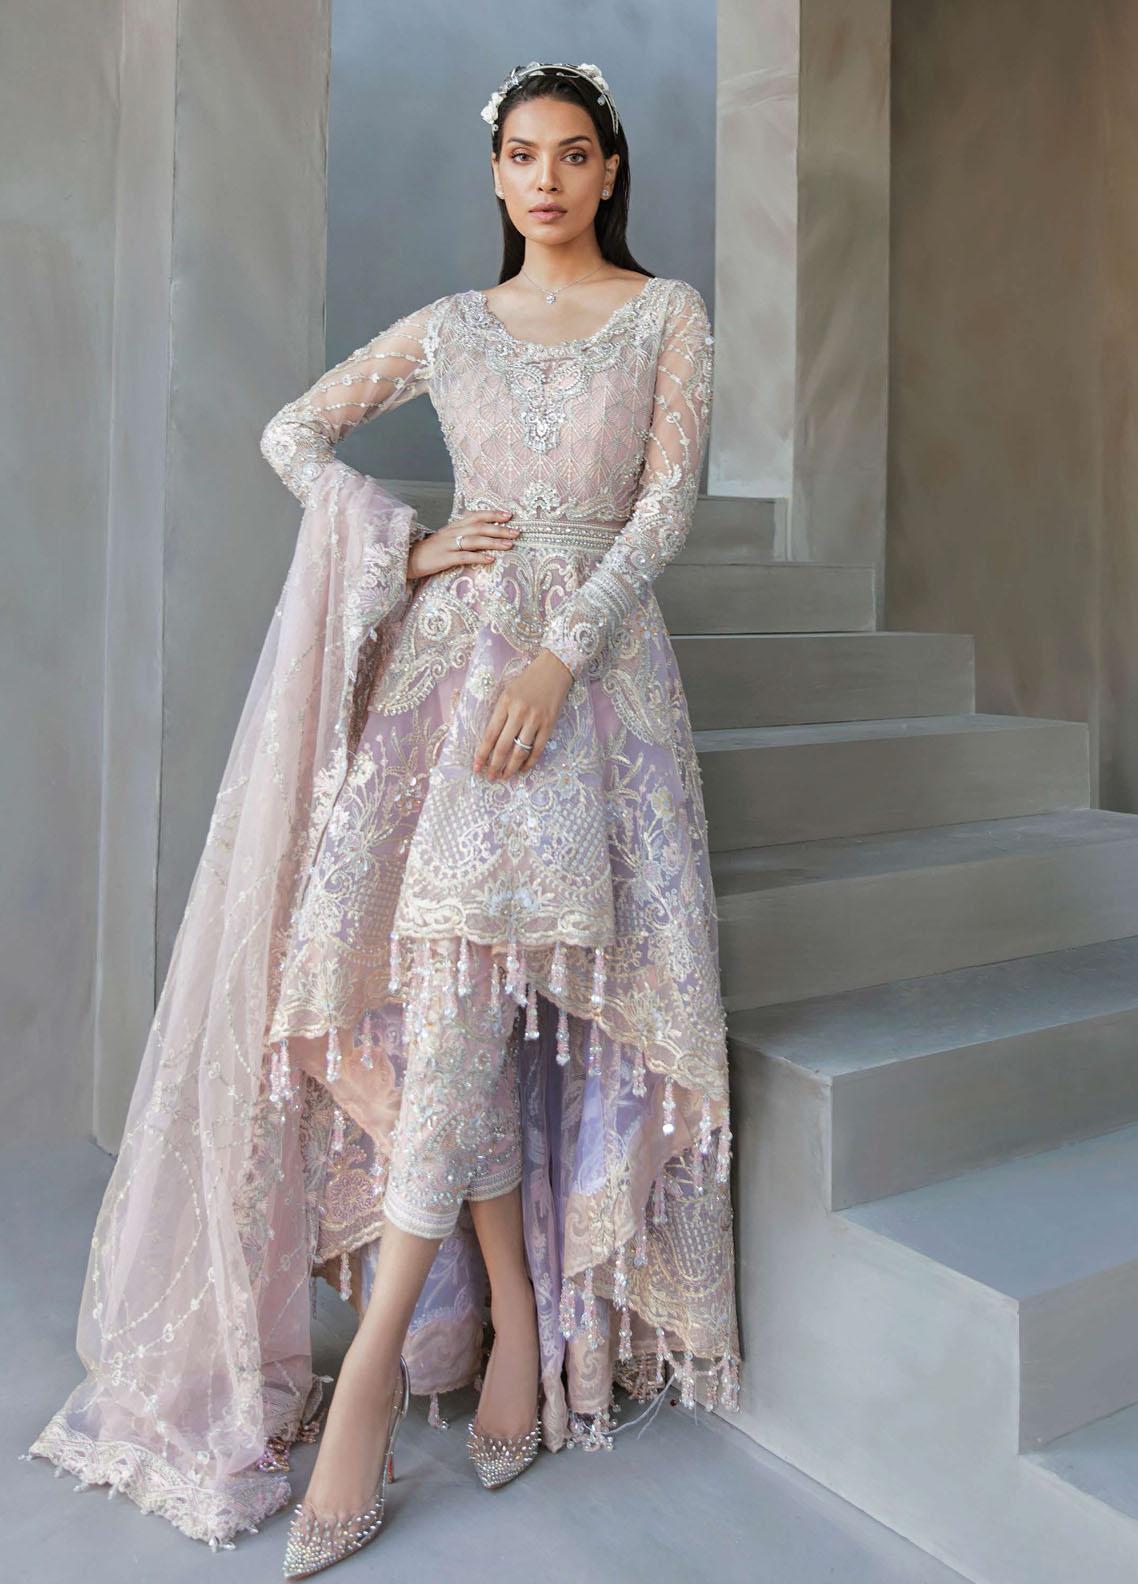 Amour & Bonheur by Reign Net Organza Unstitched 3 Piece Suit RGN21AB 10 Lilian - Luxury Festive Collection